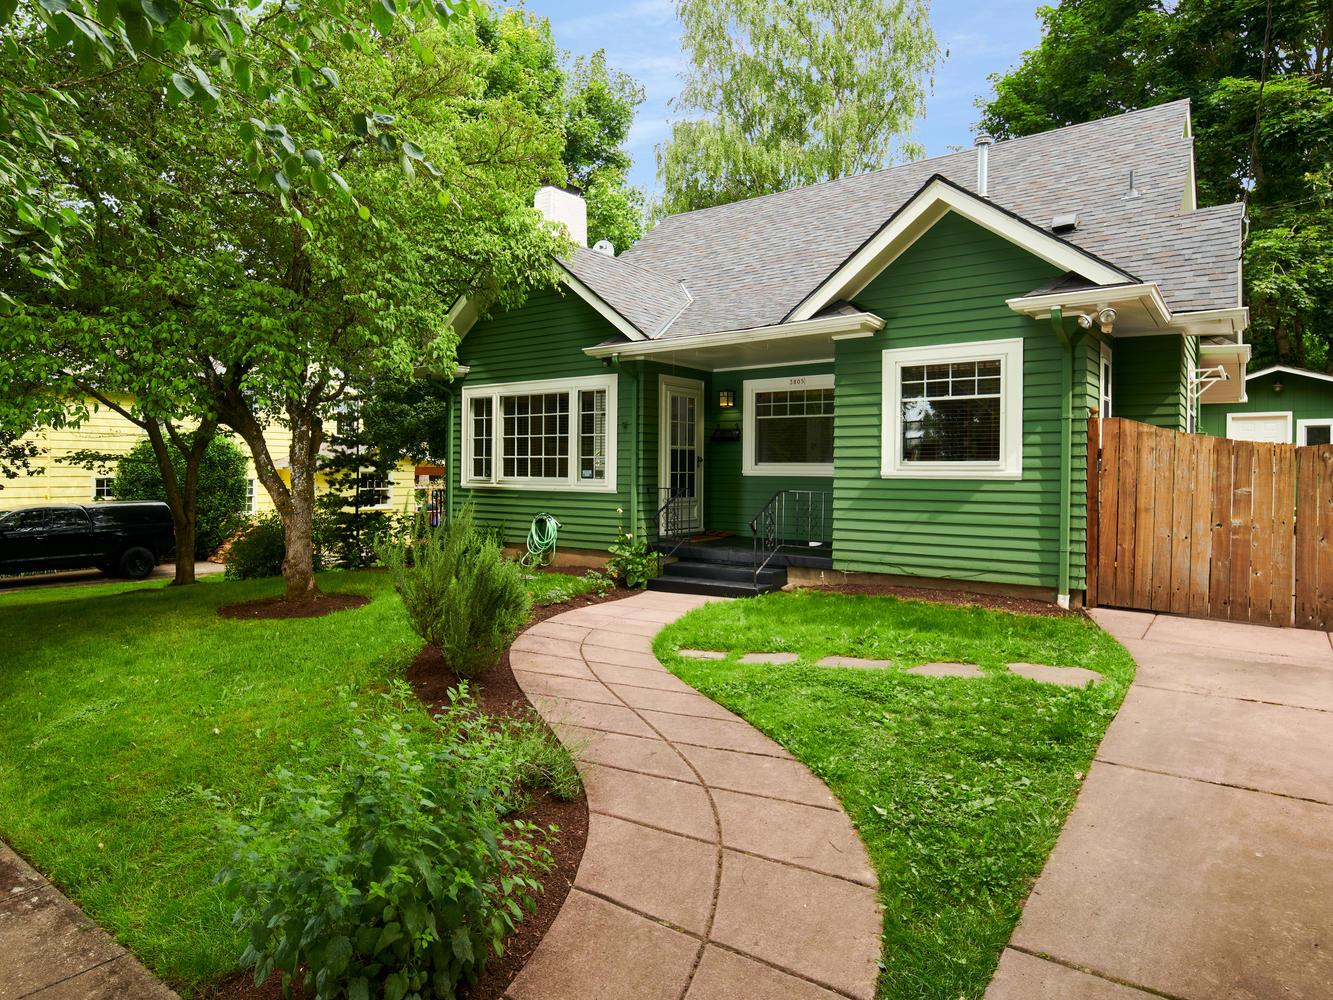 Exterior of Craftsman home in Eastmoreland Portland, green grass, walkway to front door